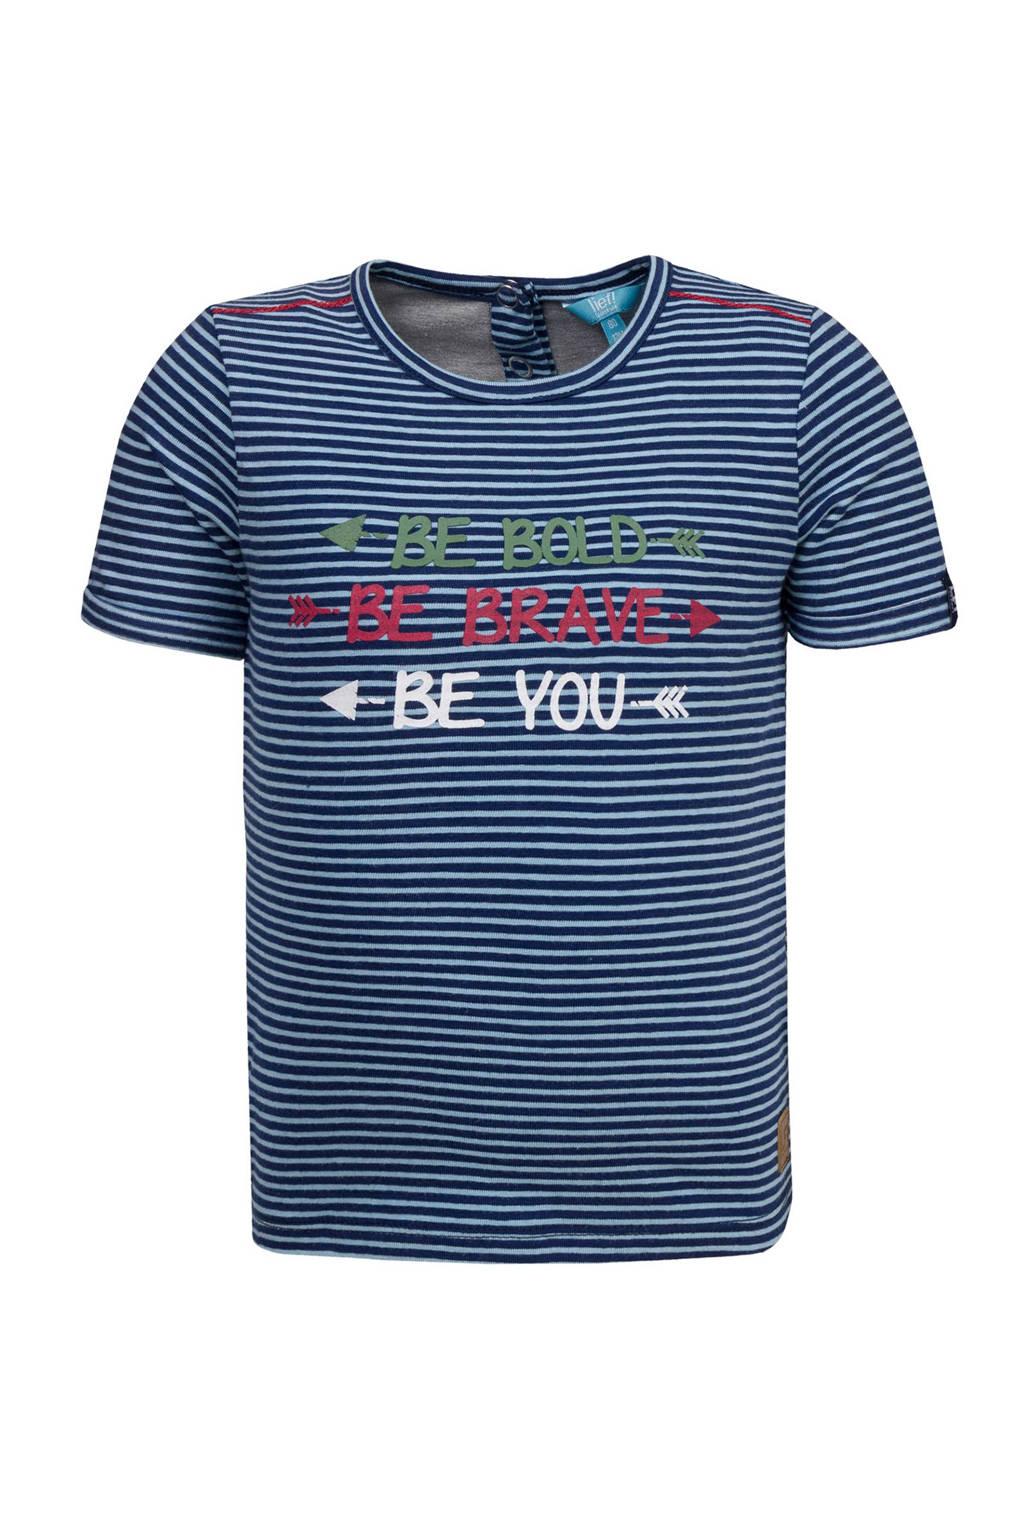 lief! gestreept T-shirt met tekst, Donkerblauw/wit